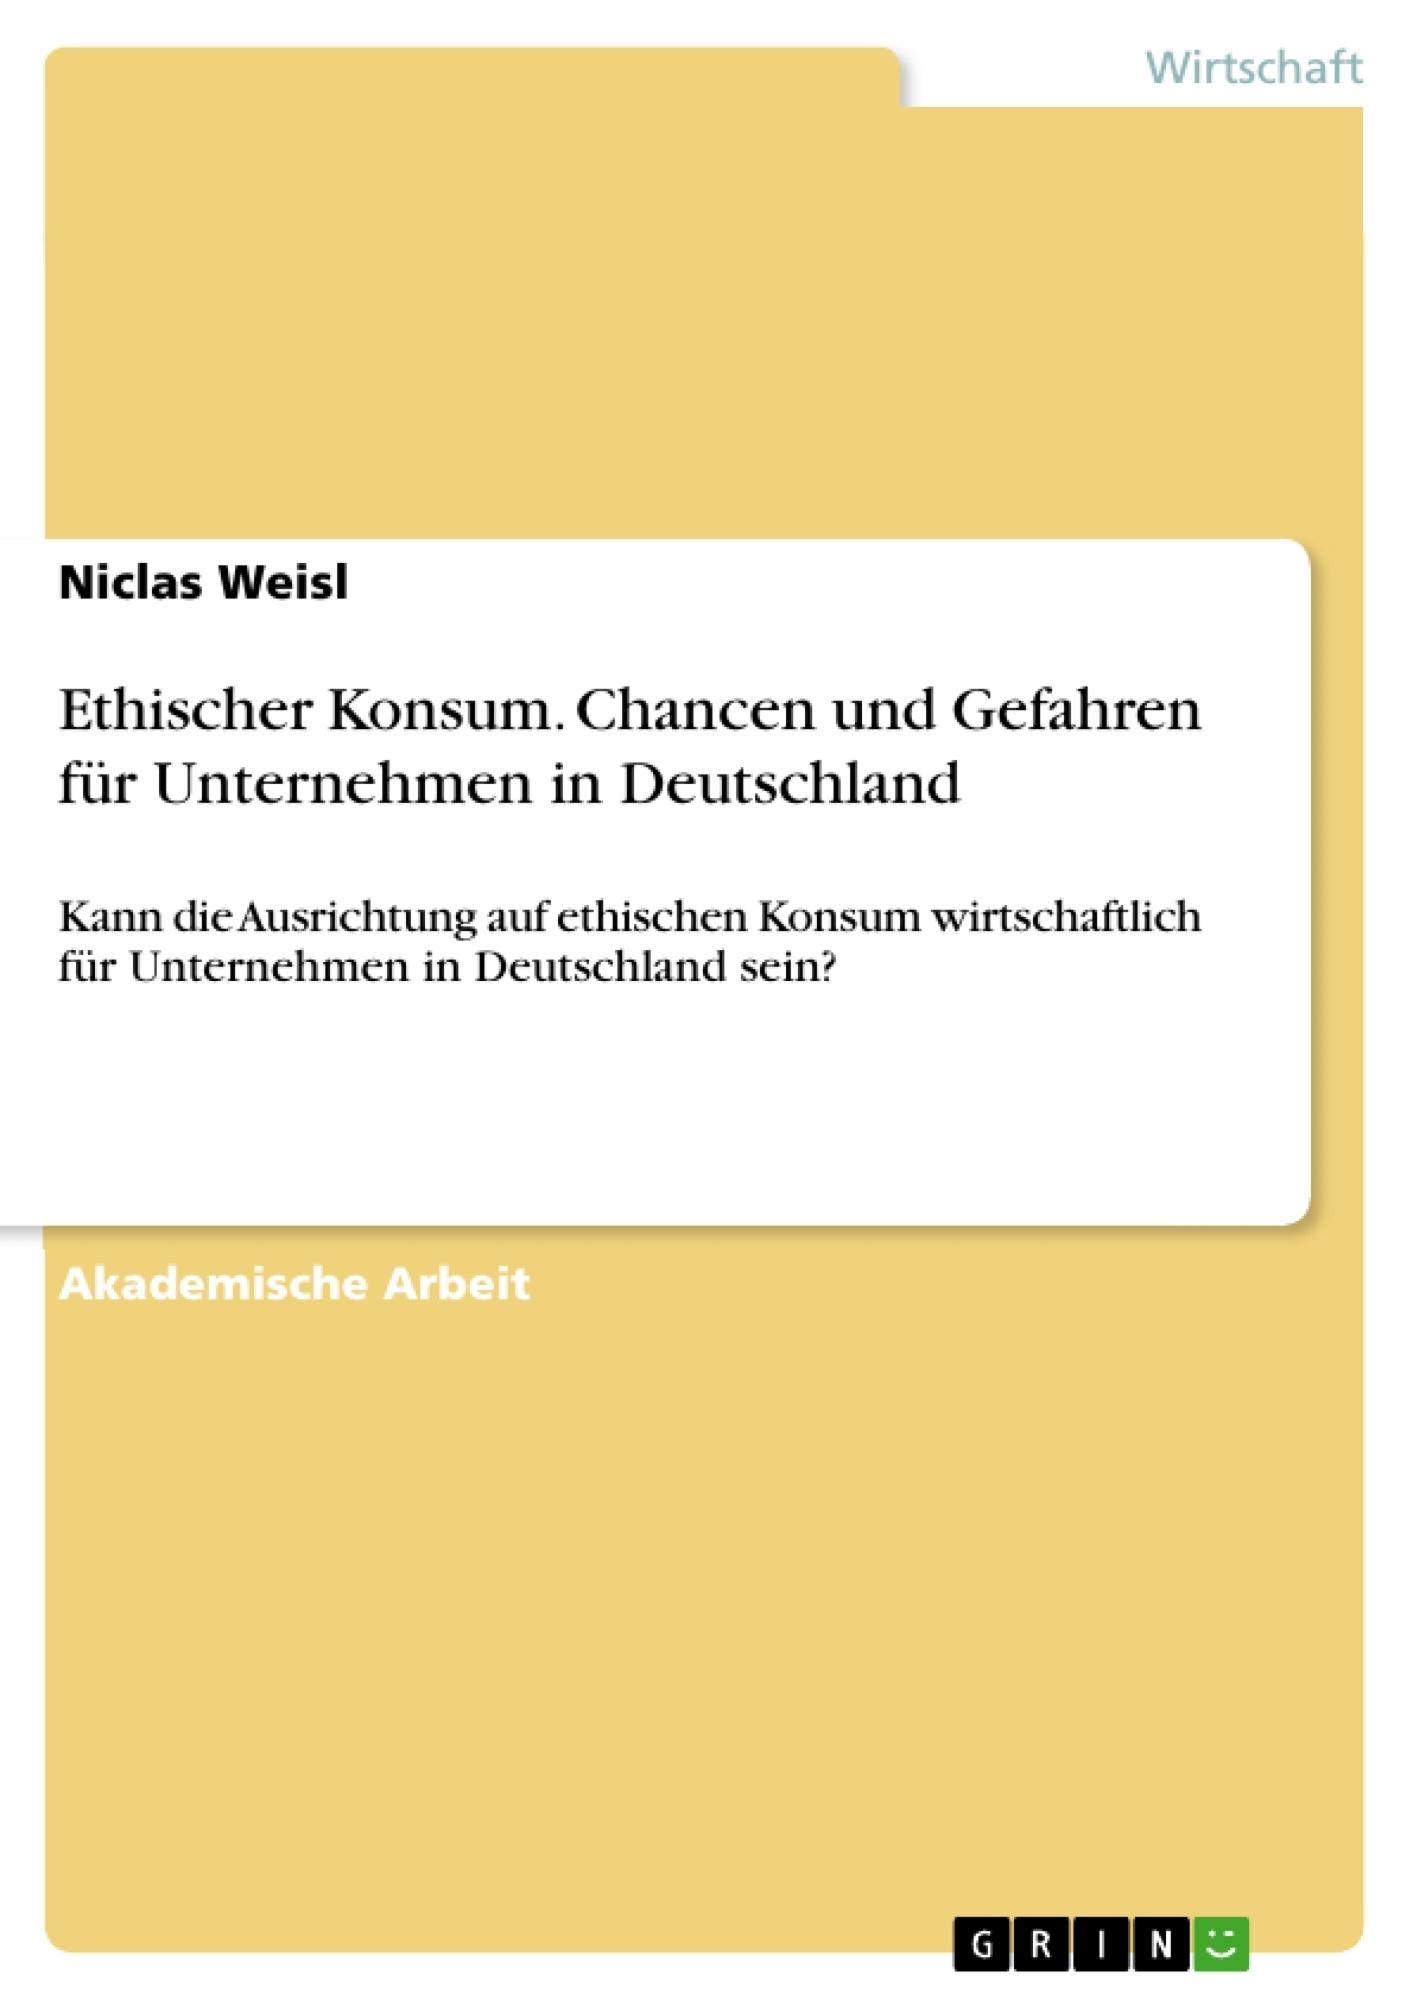 Titel: Ethischer Konsum. Chancen und Gefahren für Unternehmen in Deutschland